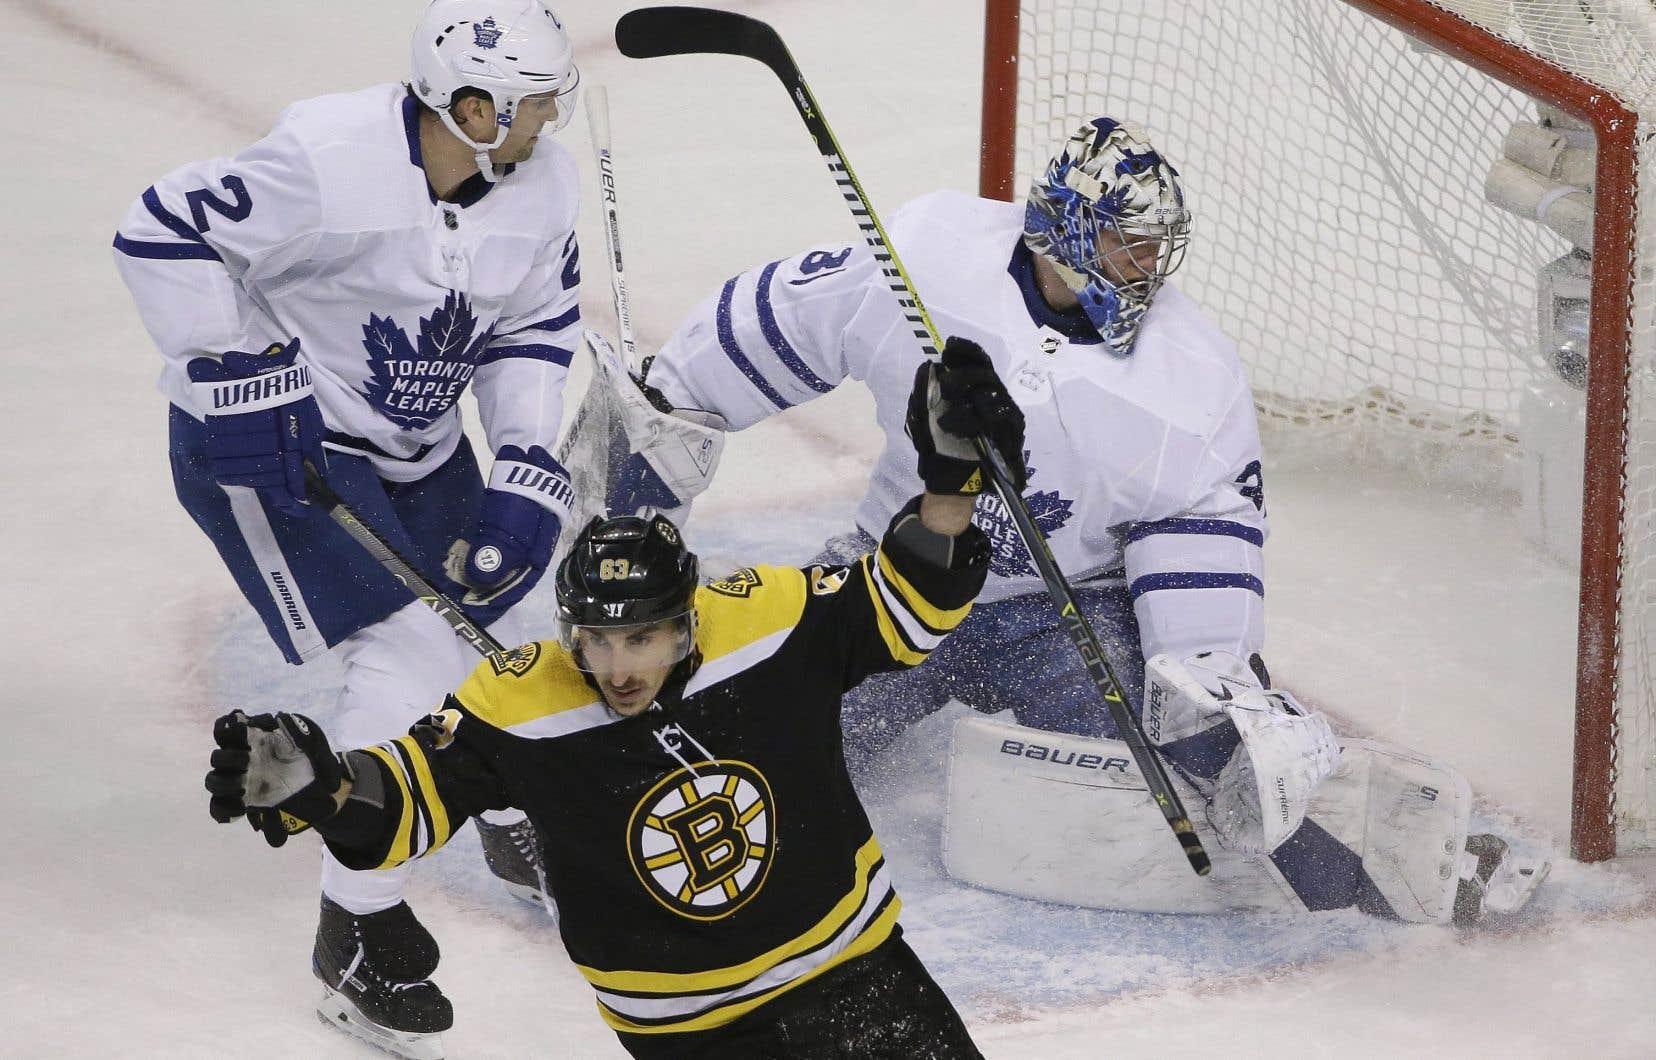 Les Maple Leafs ont été surclassés par les Bruins jeudi soir à Boston dans un revers de 5-1.